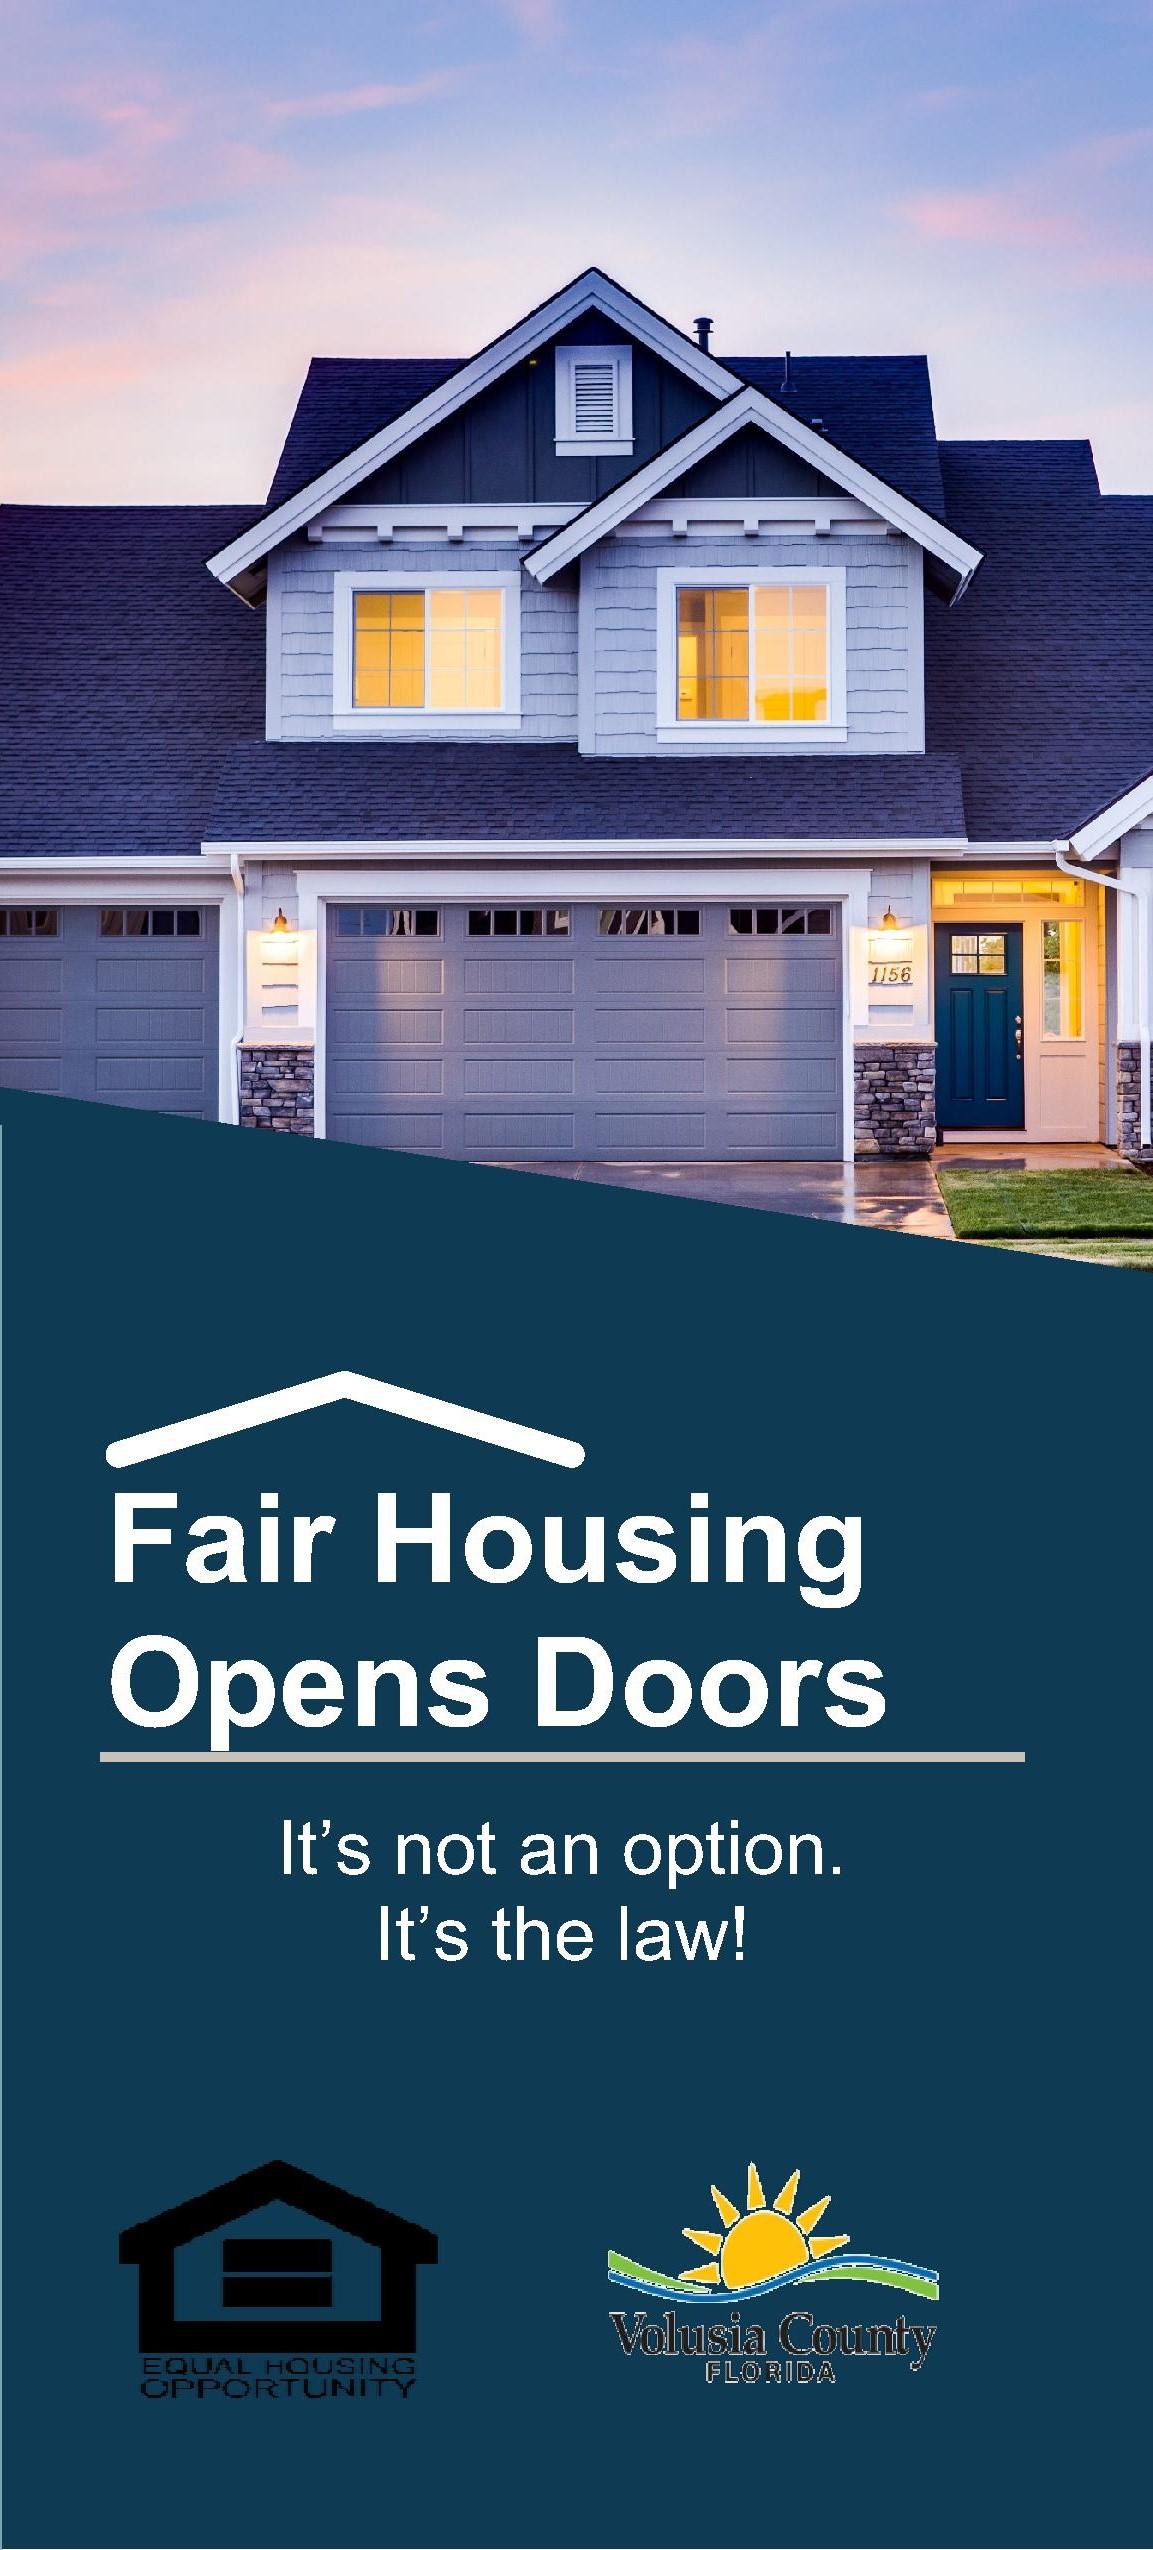 Fair Housing Opens Doors